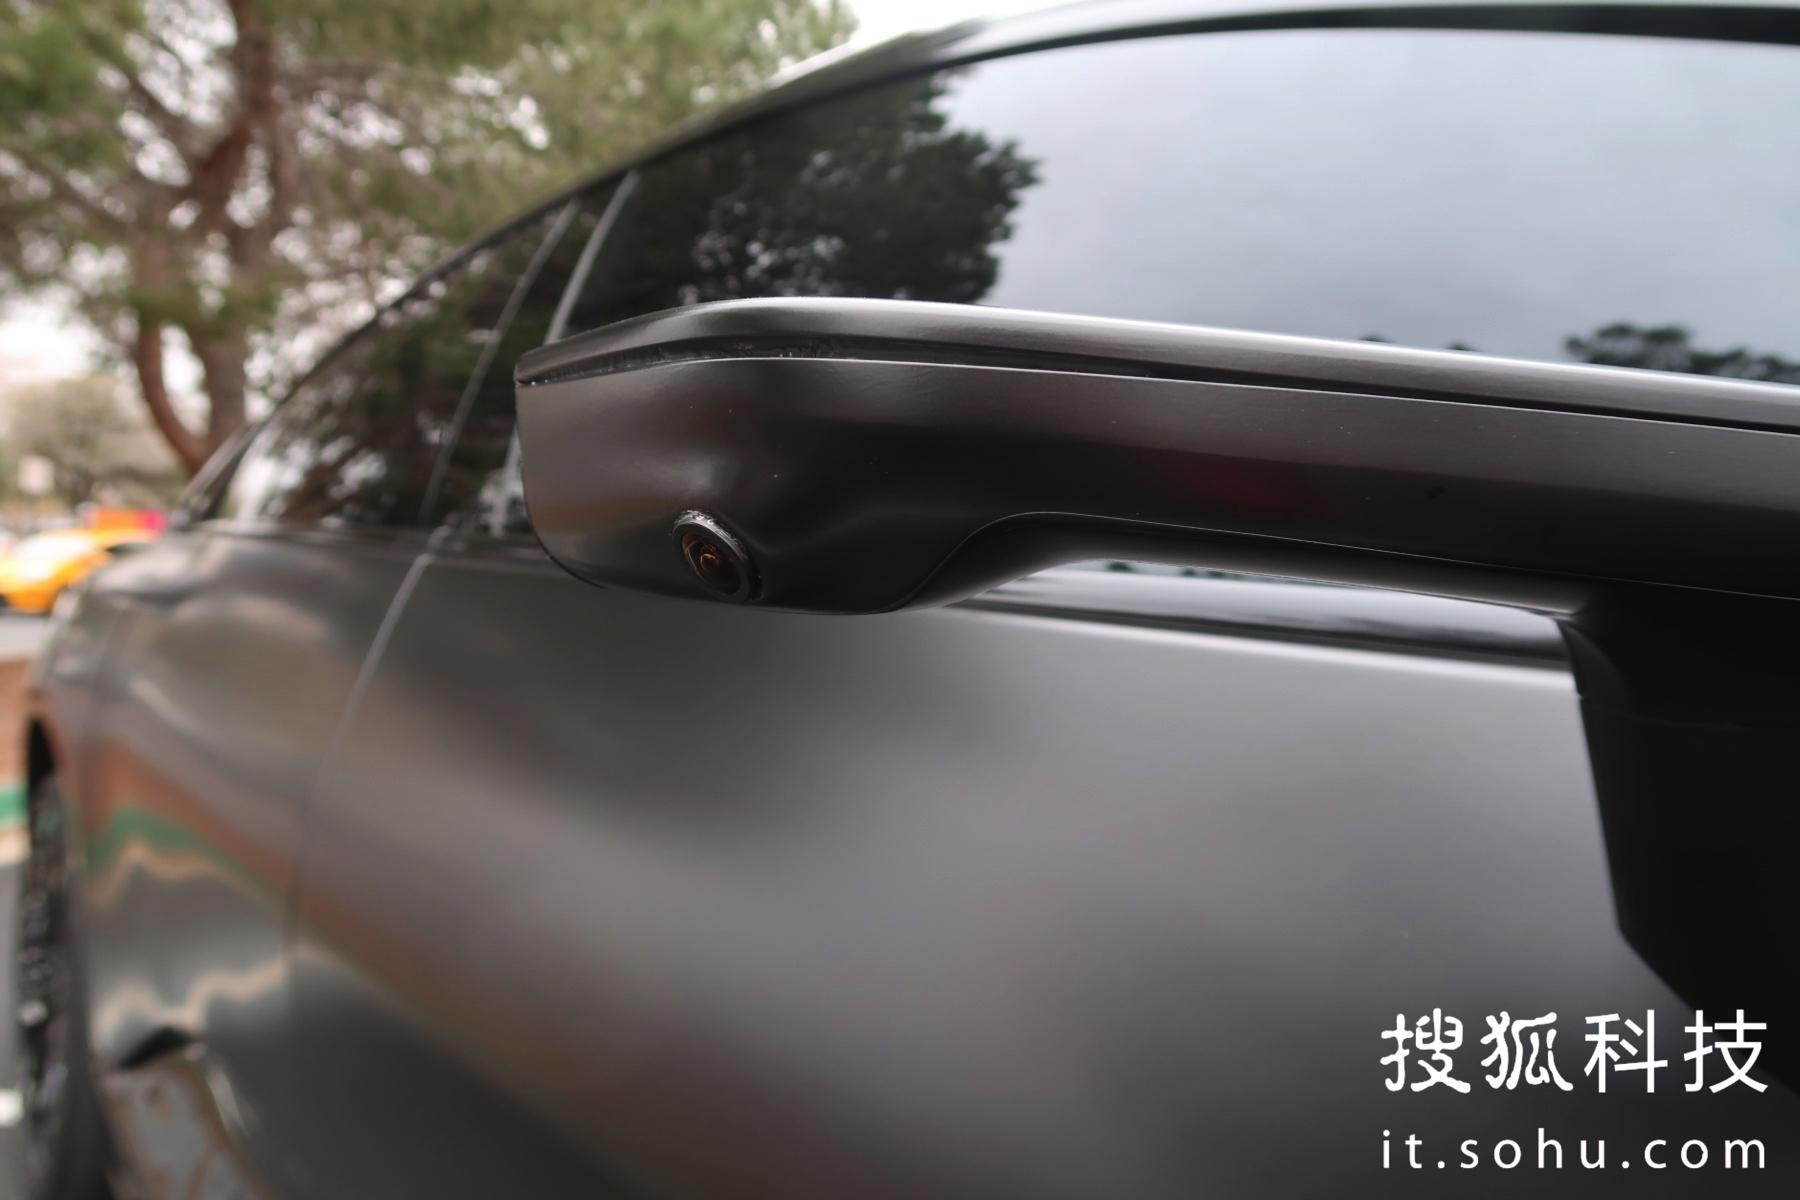 贾跃亭试乘FF 91:外观成型动力十足 但量产才能证明自己的照片 - 15